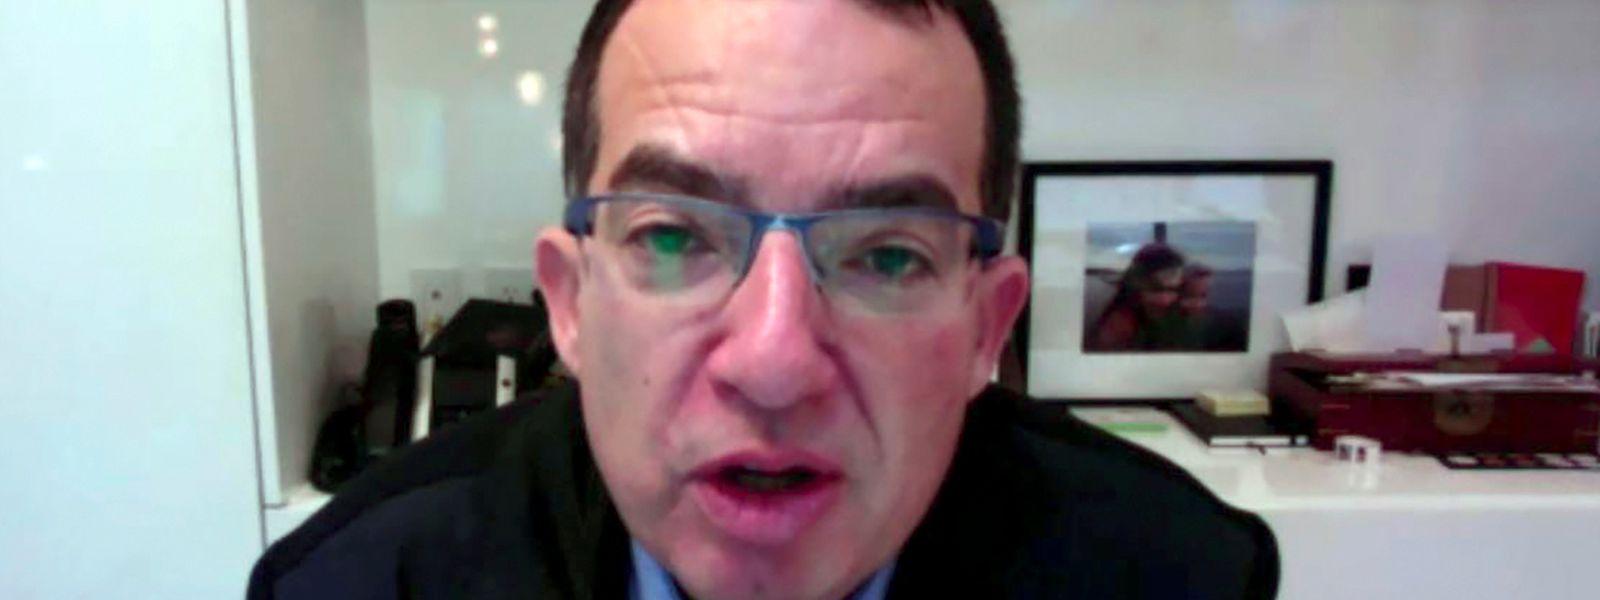 Selon Stéphane Bancel, le patron de Moderna, l'efficacité observée du vaccin était uniforme selon l'âge, le sexe et l'ethnicité.